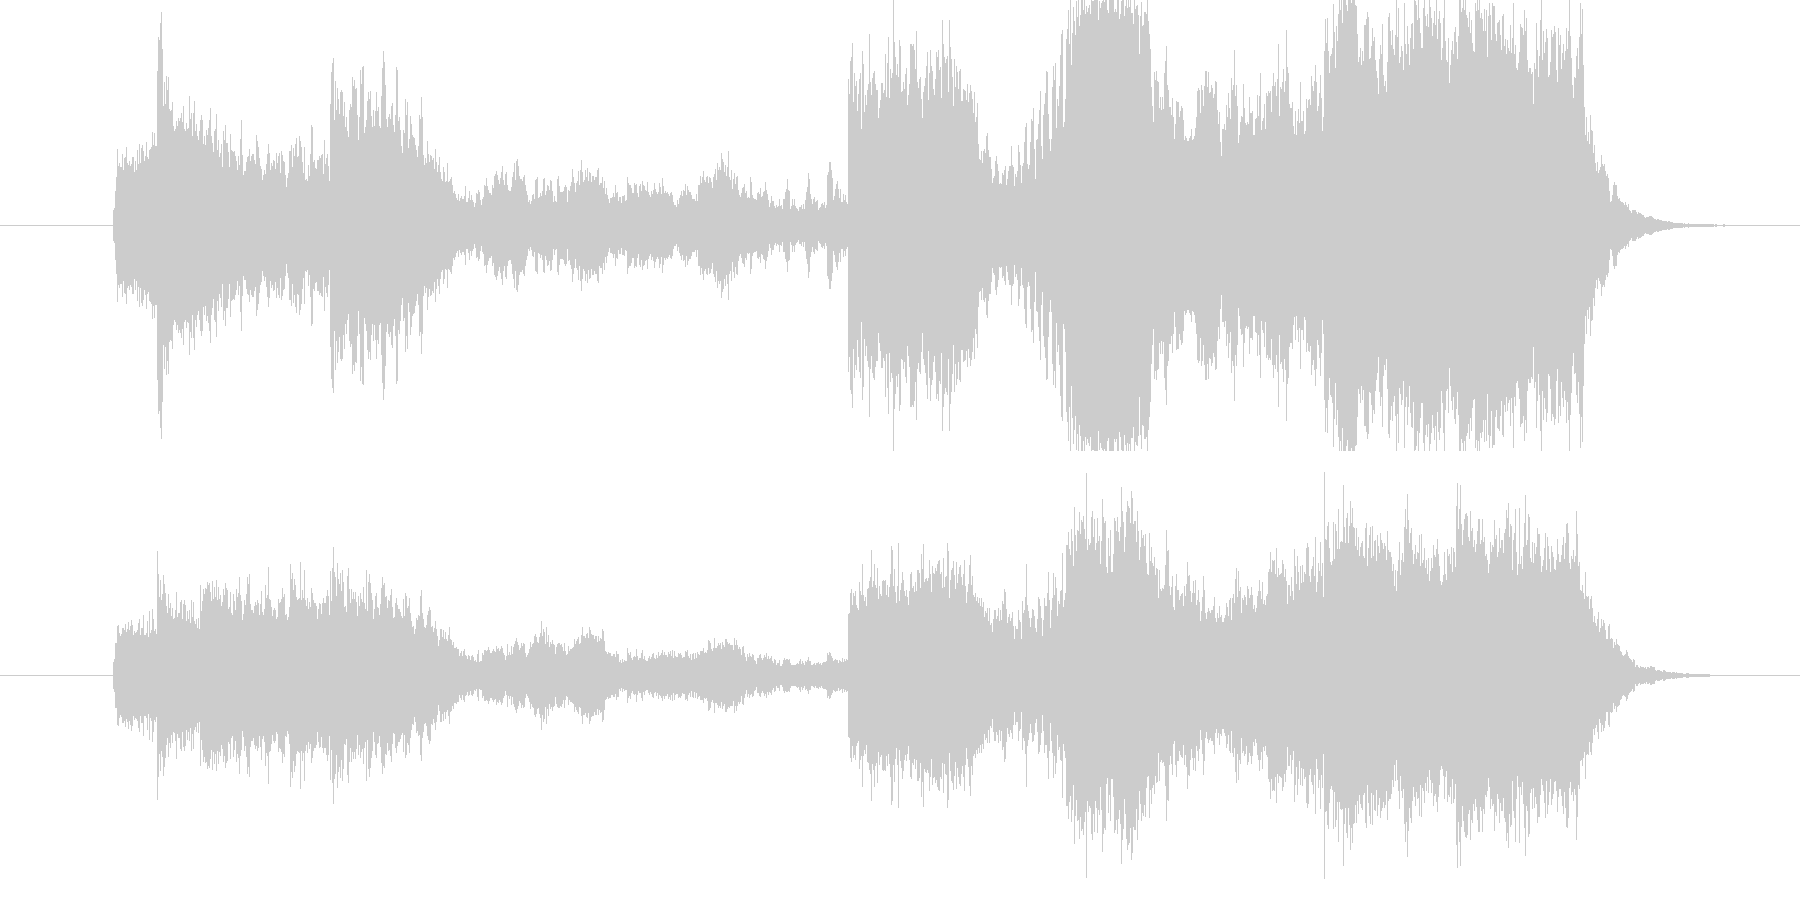 テンポ速めのファンファーレ。頭の空白、…の未再生の波形